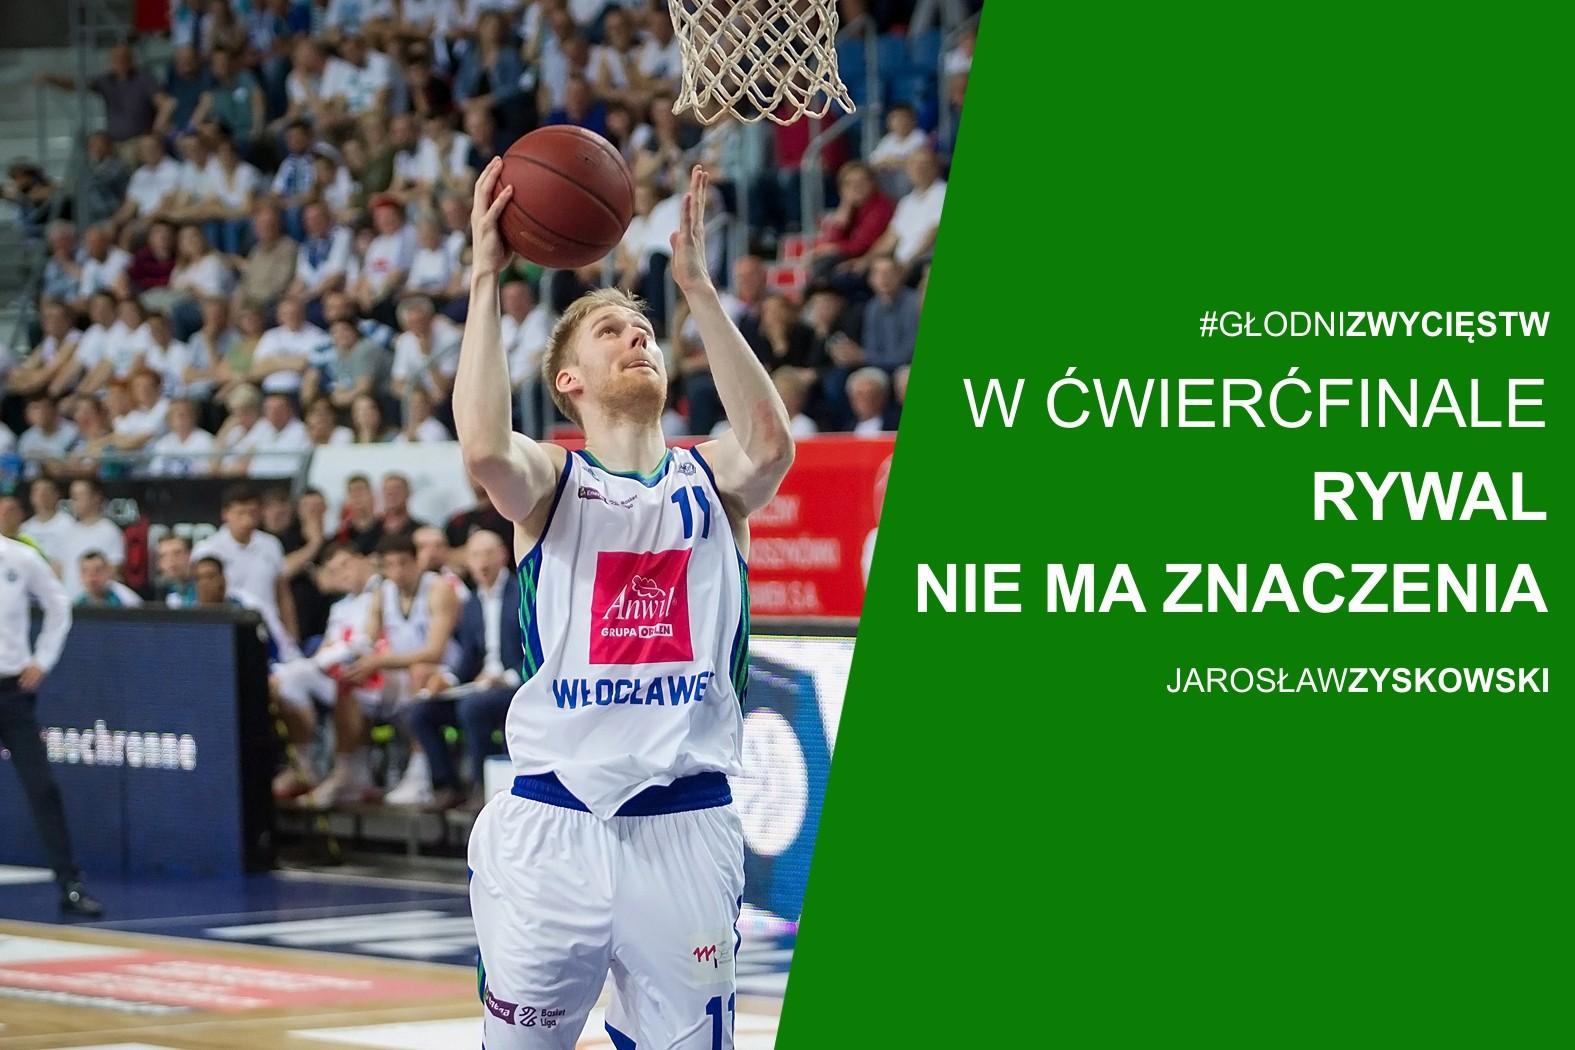 Jarosław Zyskowski: W ćwierćfinale rywal nie ma znaczenia